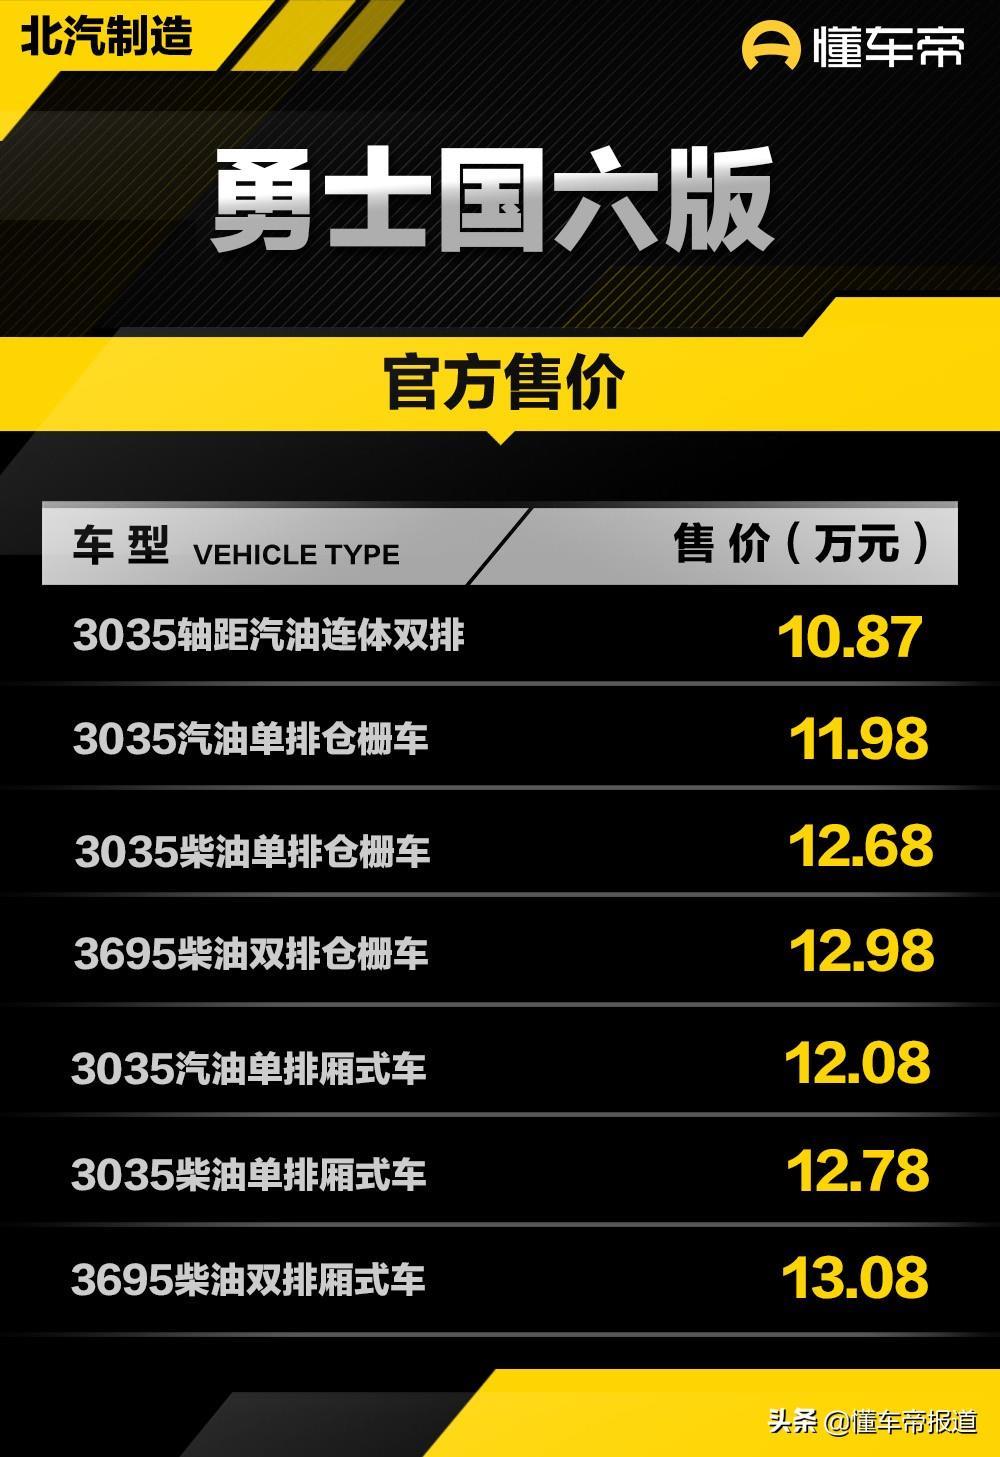 北汽480厢式卡车多少钱 厢式卡车二手车【轿车年代网】